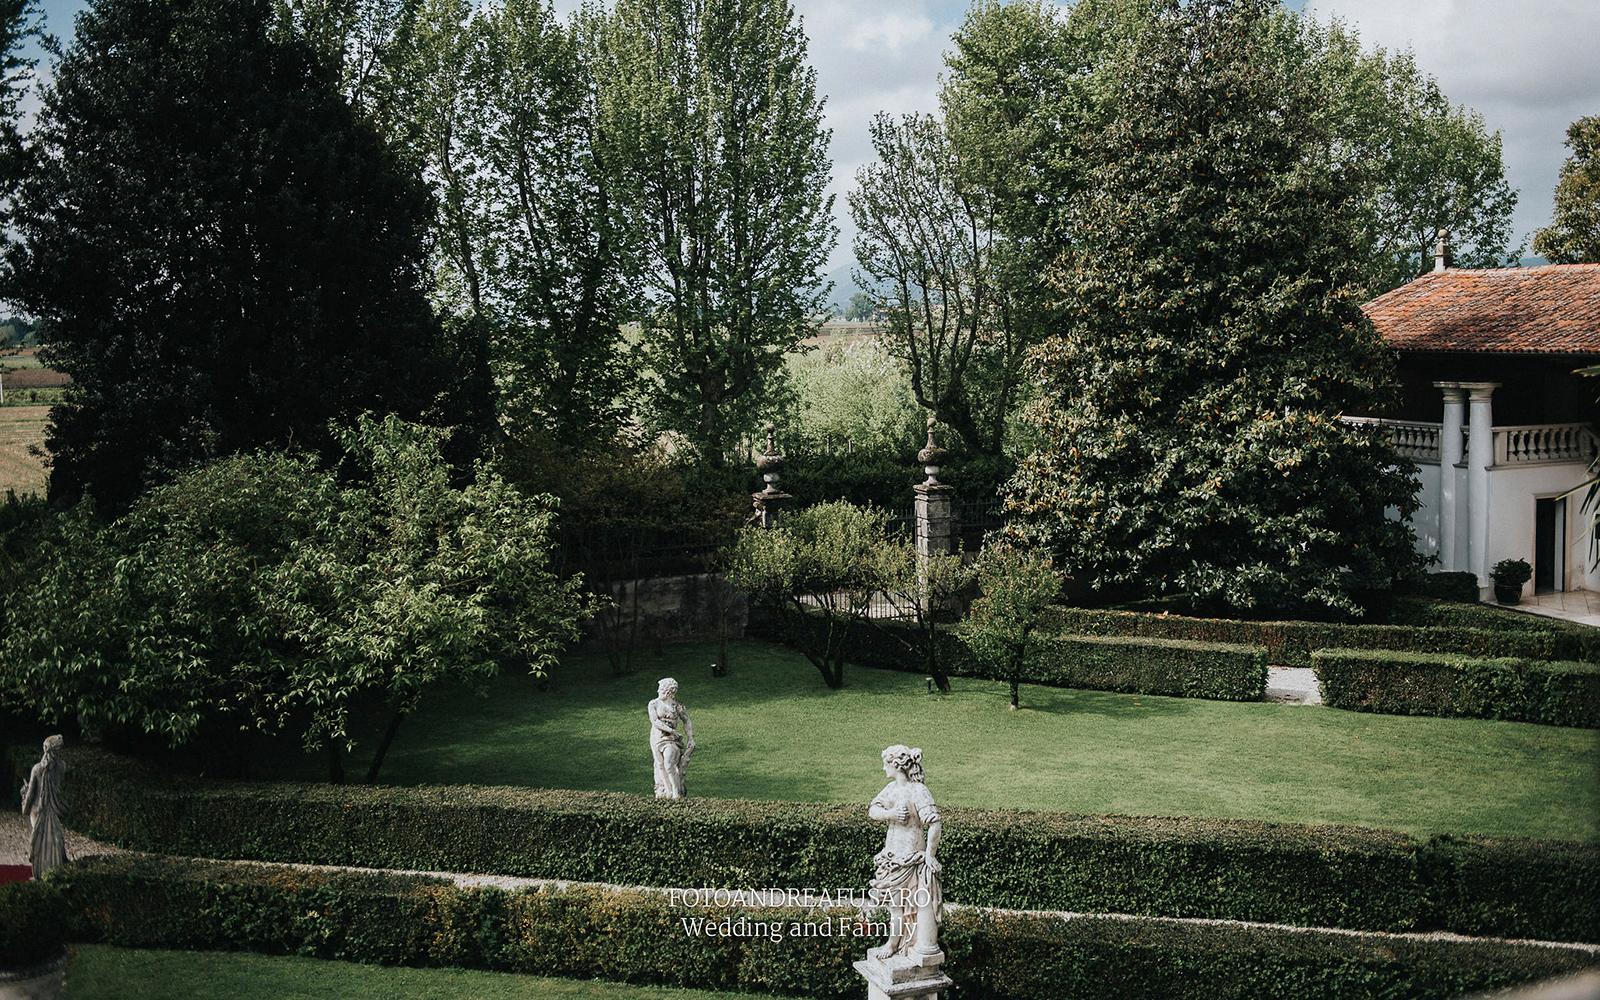 giardino esterno per eventi Vicenza, spazio esterno per eventi Vicenza, giardino esterno matrimonio Vicenza, giardino esterno matrimonio Padova, giardino esterno matrimoni Vicenza, giardino esterno matrimoni Padova